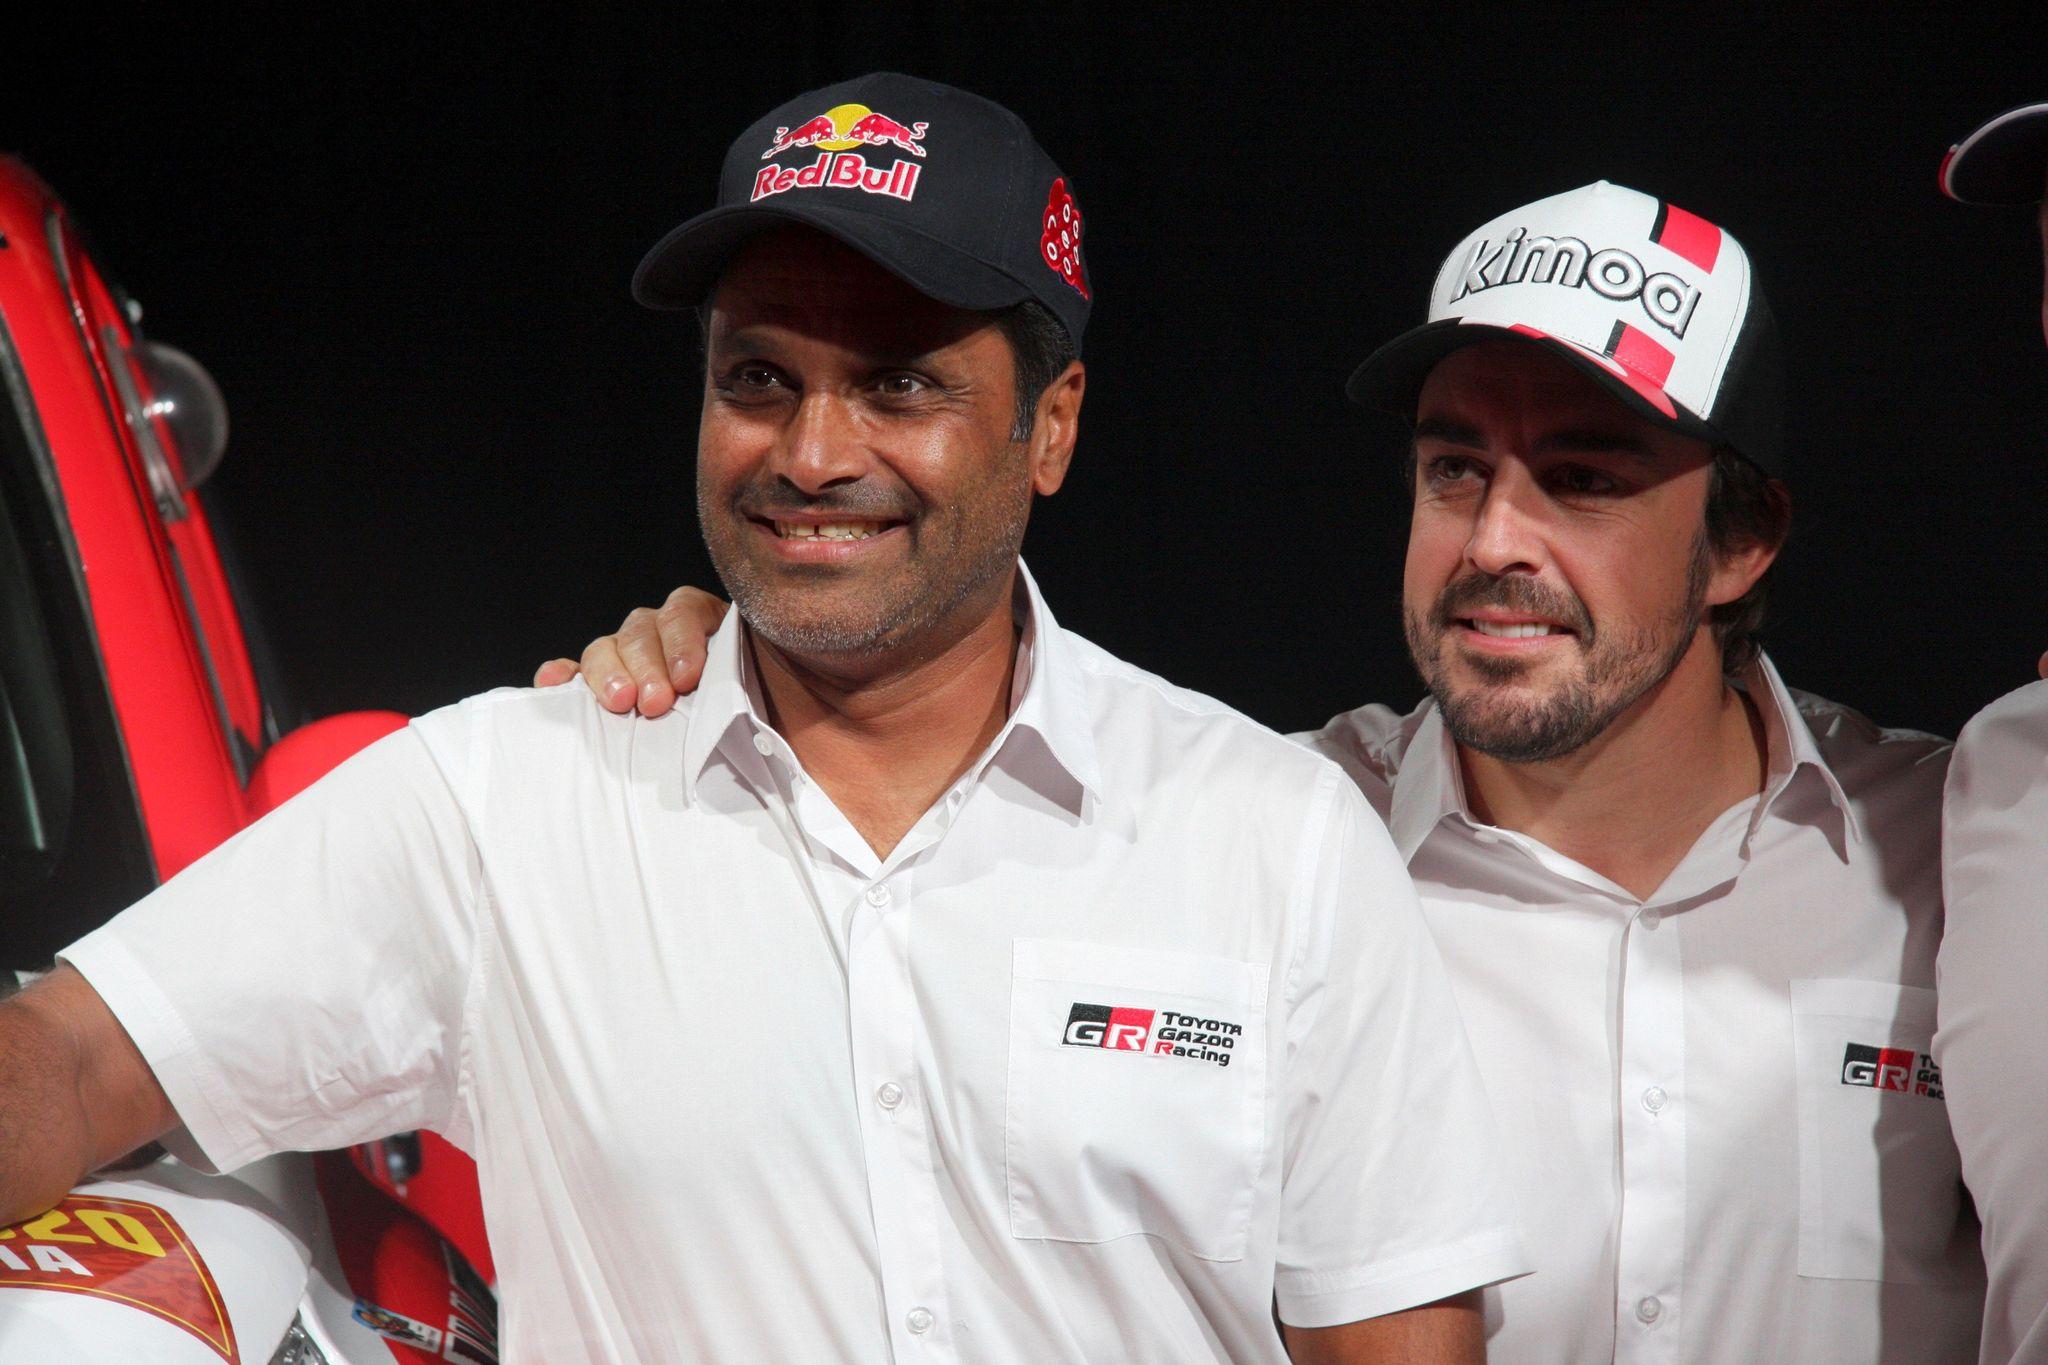 GRAF6292. VILA-SECA/SALOU (TARRAGONA), 24/10/2019.- El piloto español Fernando <HIT>Alonso</HIT> (d) junto al también piloto catarí Nasser Al Attiyah (i) ,ambos del equipo Toyota Gazoo Racing, durante una rueda de prensa celebrada este jueves en el Centro de Convenciones de Port Aventura, en la que ha anunciado que participará en la edición 2020 del rally Dakar, que se disputará por primera vez en Arabia Saudí, y en la que contará con el cinco veces ganador de la prueba en motos Marc Coma ejerciendo de copiloto. EFE/ Carlos Mateos